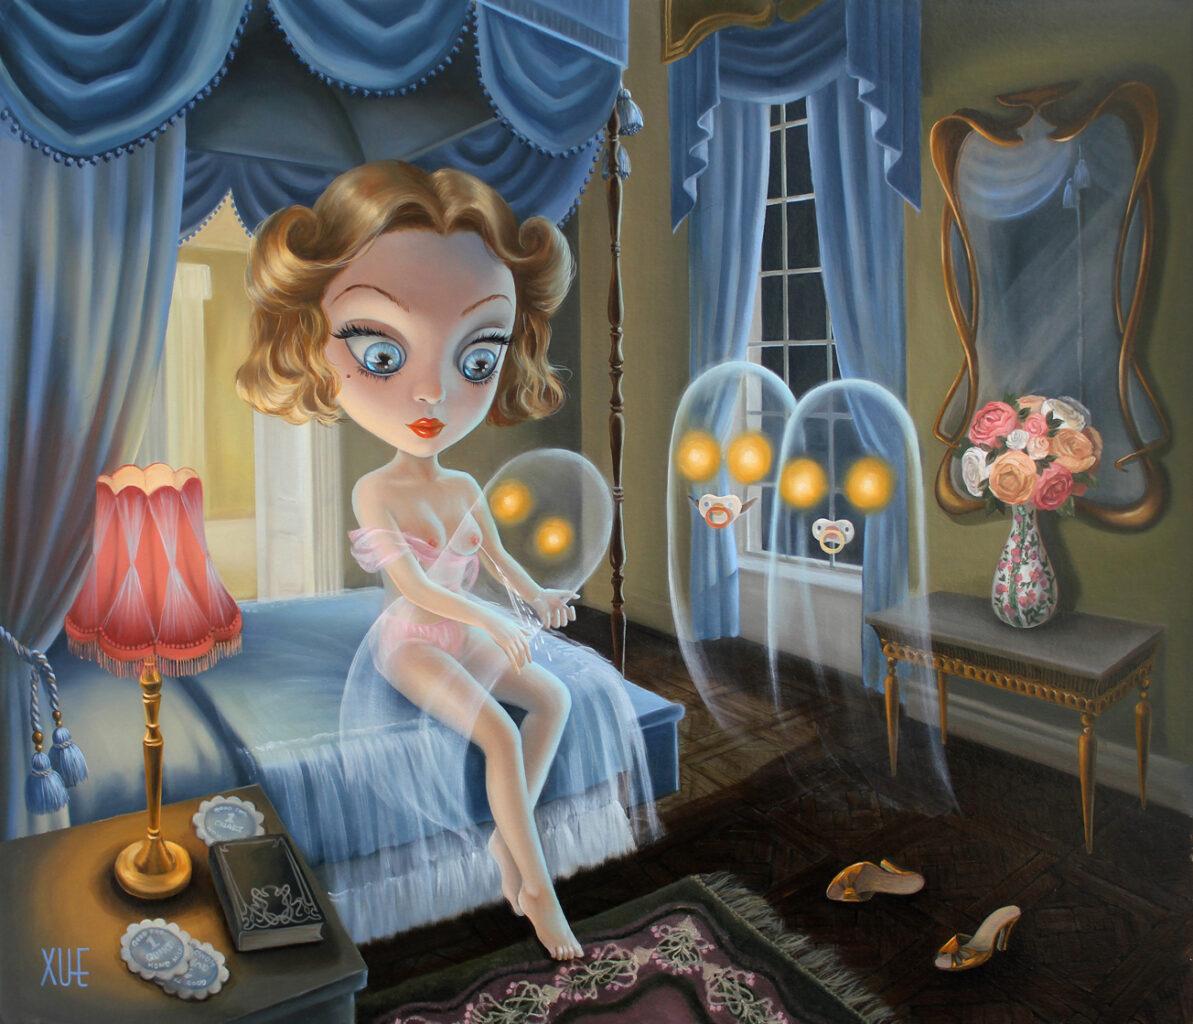 xue_wangs_haunted_house_beautifulbizarre_Feeding Time 02